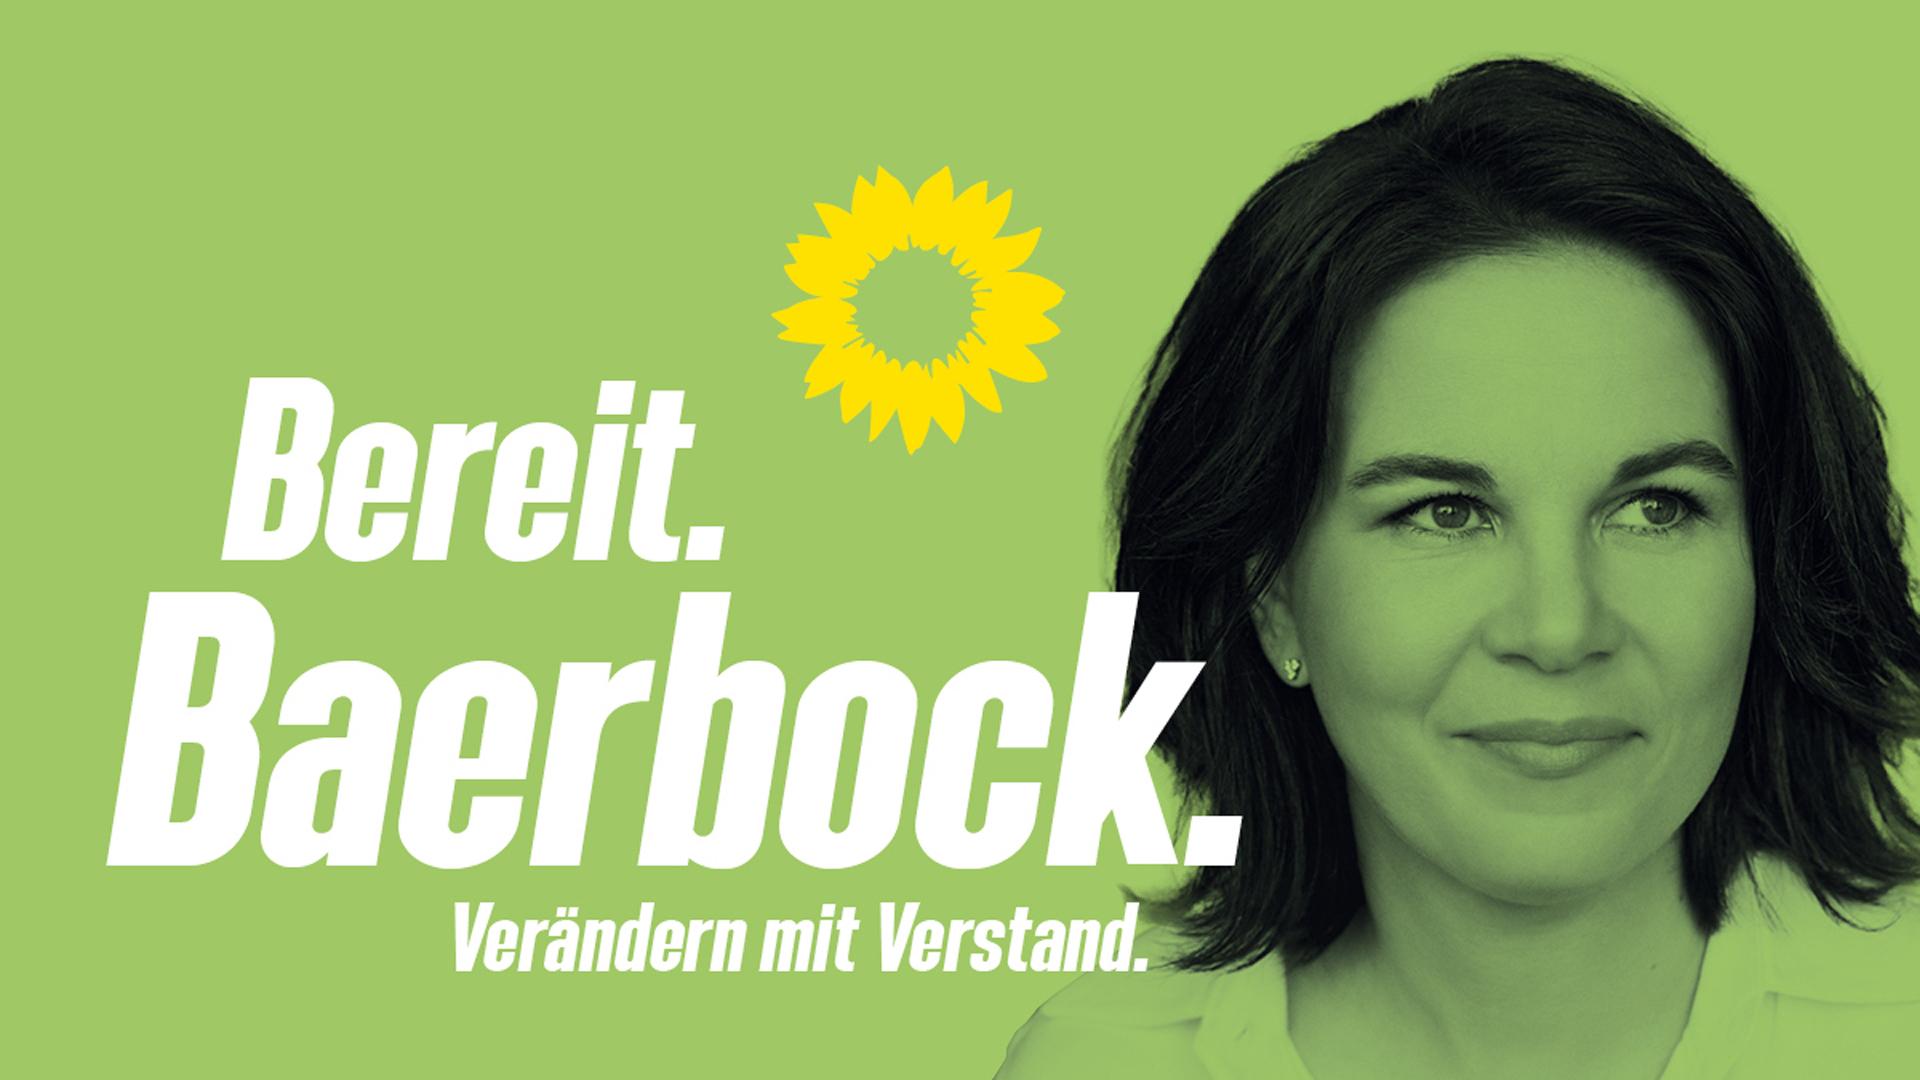 Für die Erneuerung unseres Landes und einen anderen Politikstil – Annalena Baerbock